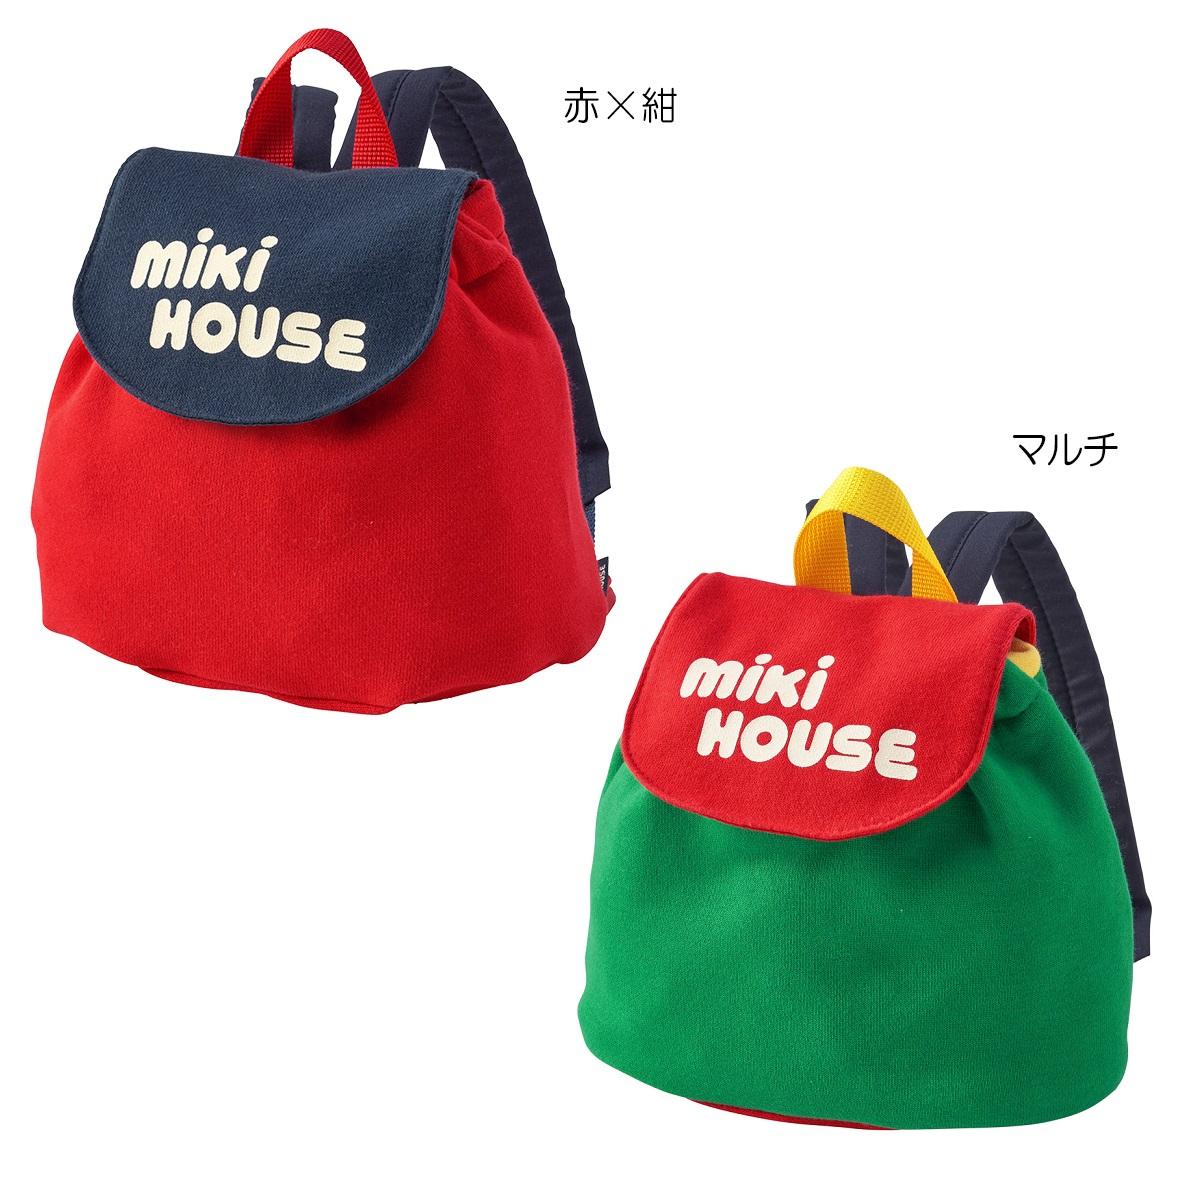 ☆ミキハウス☆ mikihouse ミキハウス 完全送料無料 特価 リュック